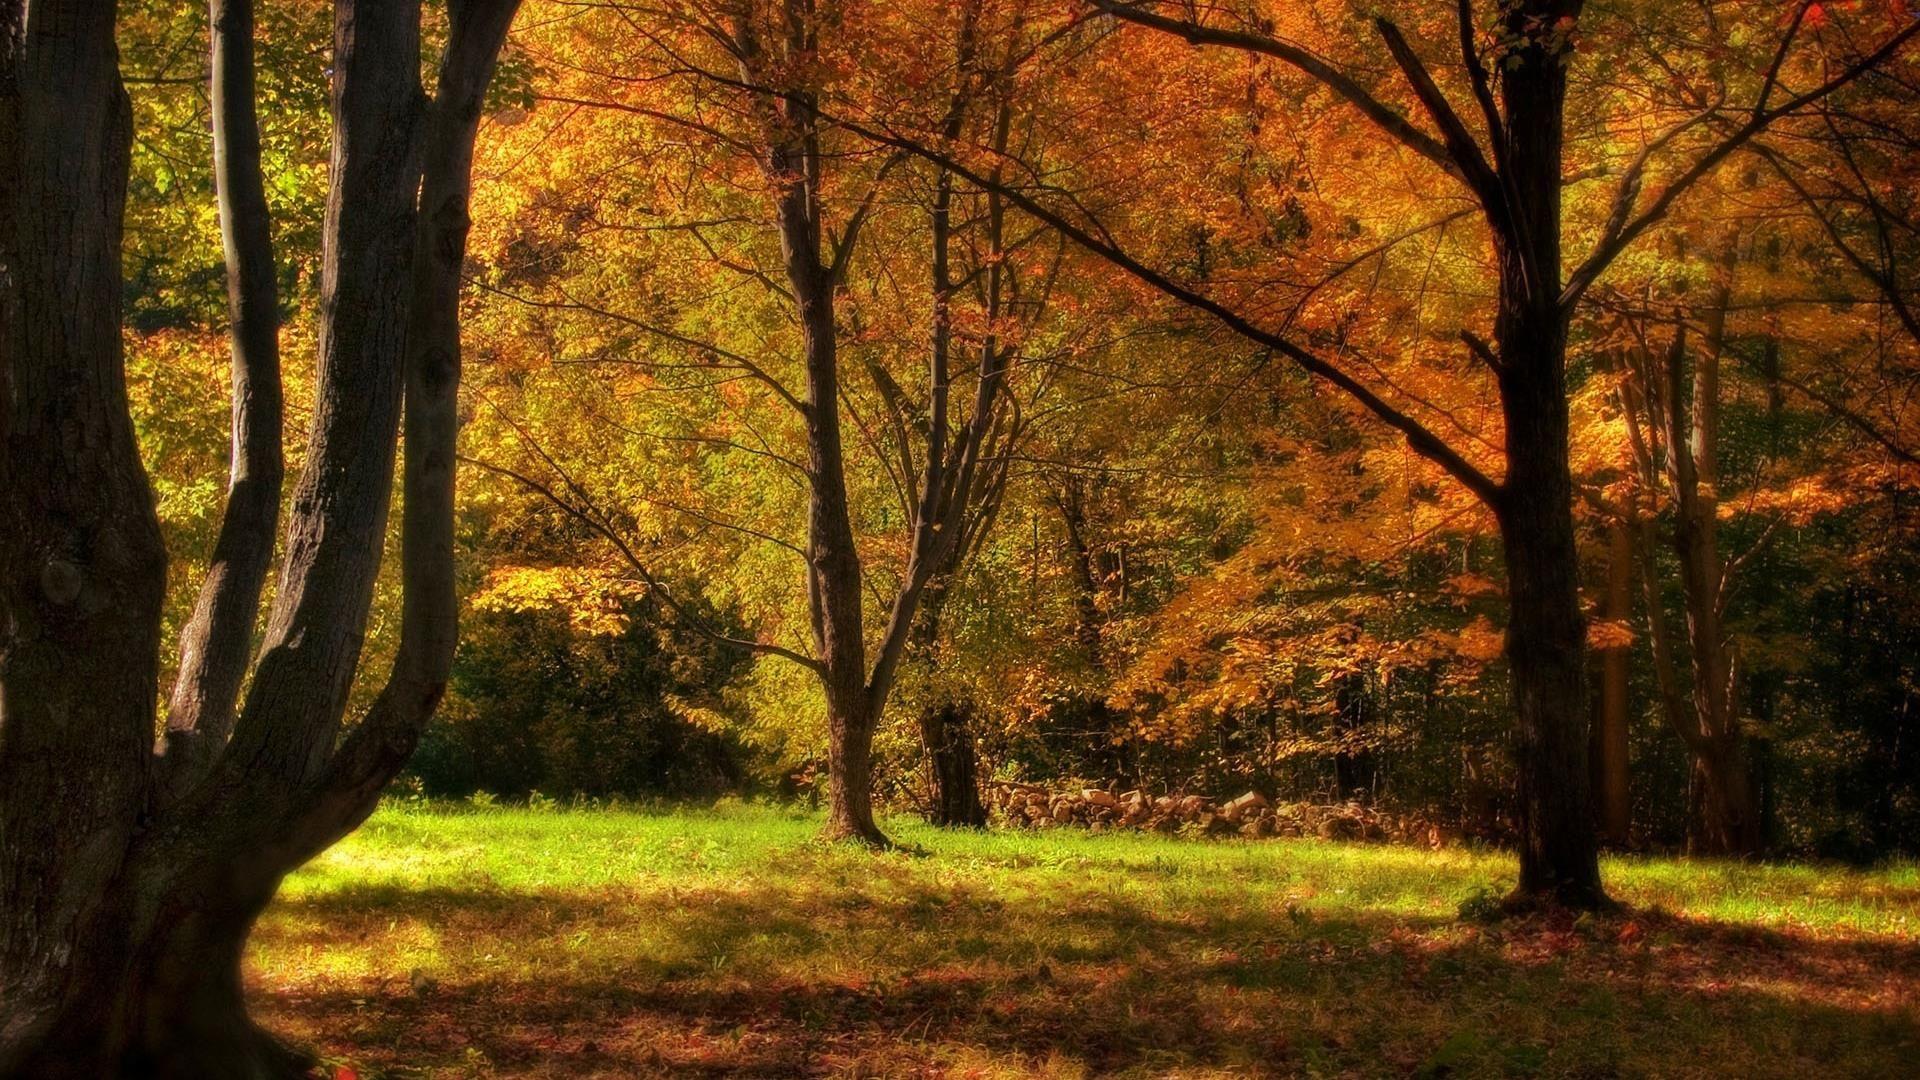 Des Fonds D Ecran En Hd A Telecharger Gratuitement Paysage Forestier Fond Ecran Foret